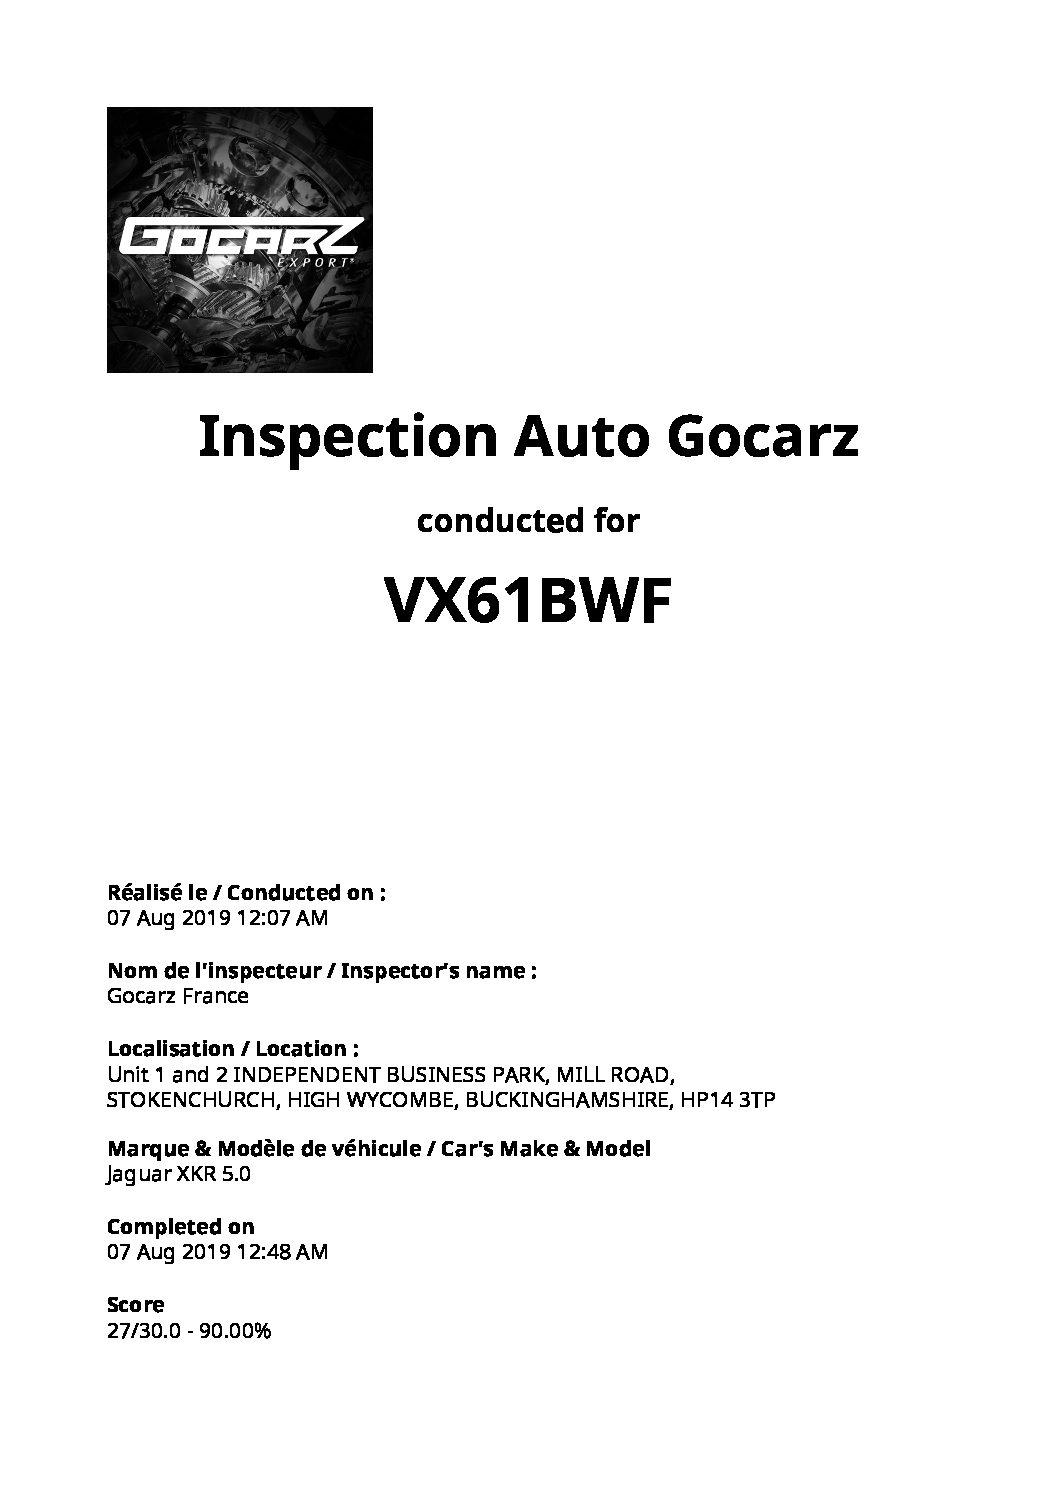 Inspection Gocarz - Jaguar XKR - 2019.08.07